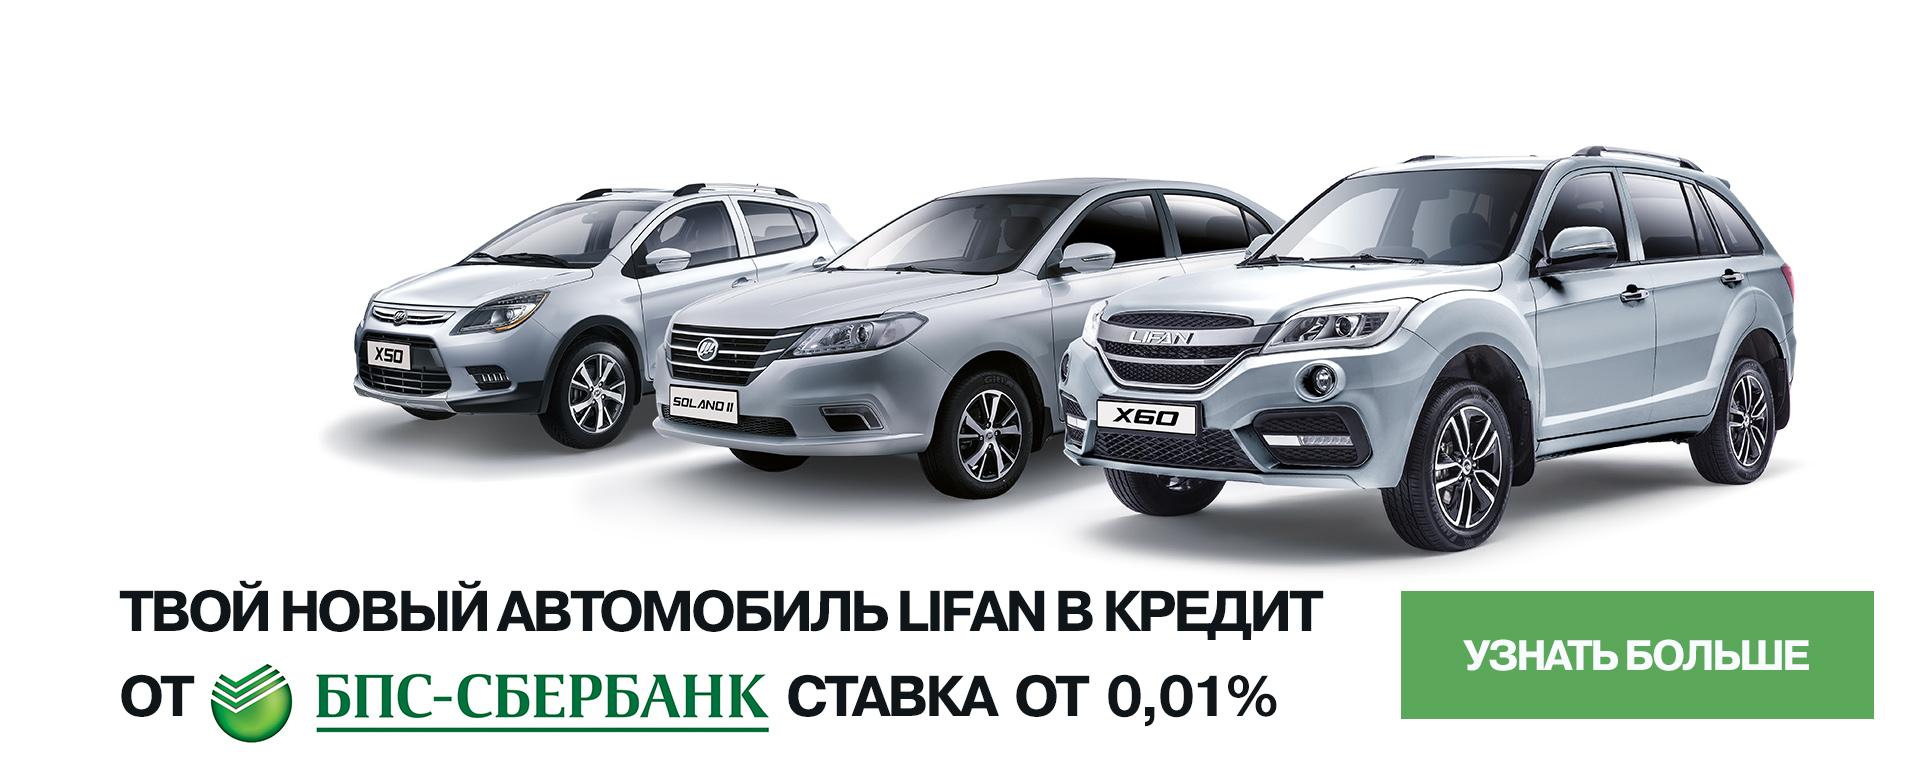 ТВОЙ НОВЫЙ АВТОМОБИЛЬ LIFAN В КРЕДИТ ОТ «БПС-СБЕРБАНК» СТАВКА ОТ 0,01 %!